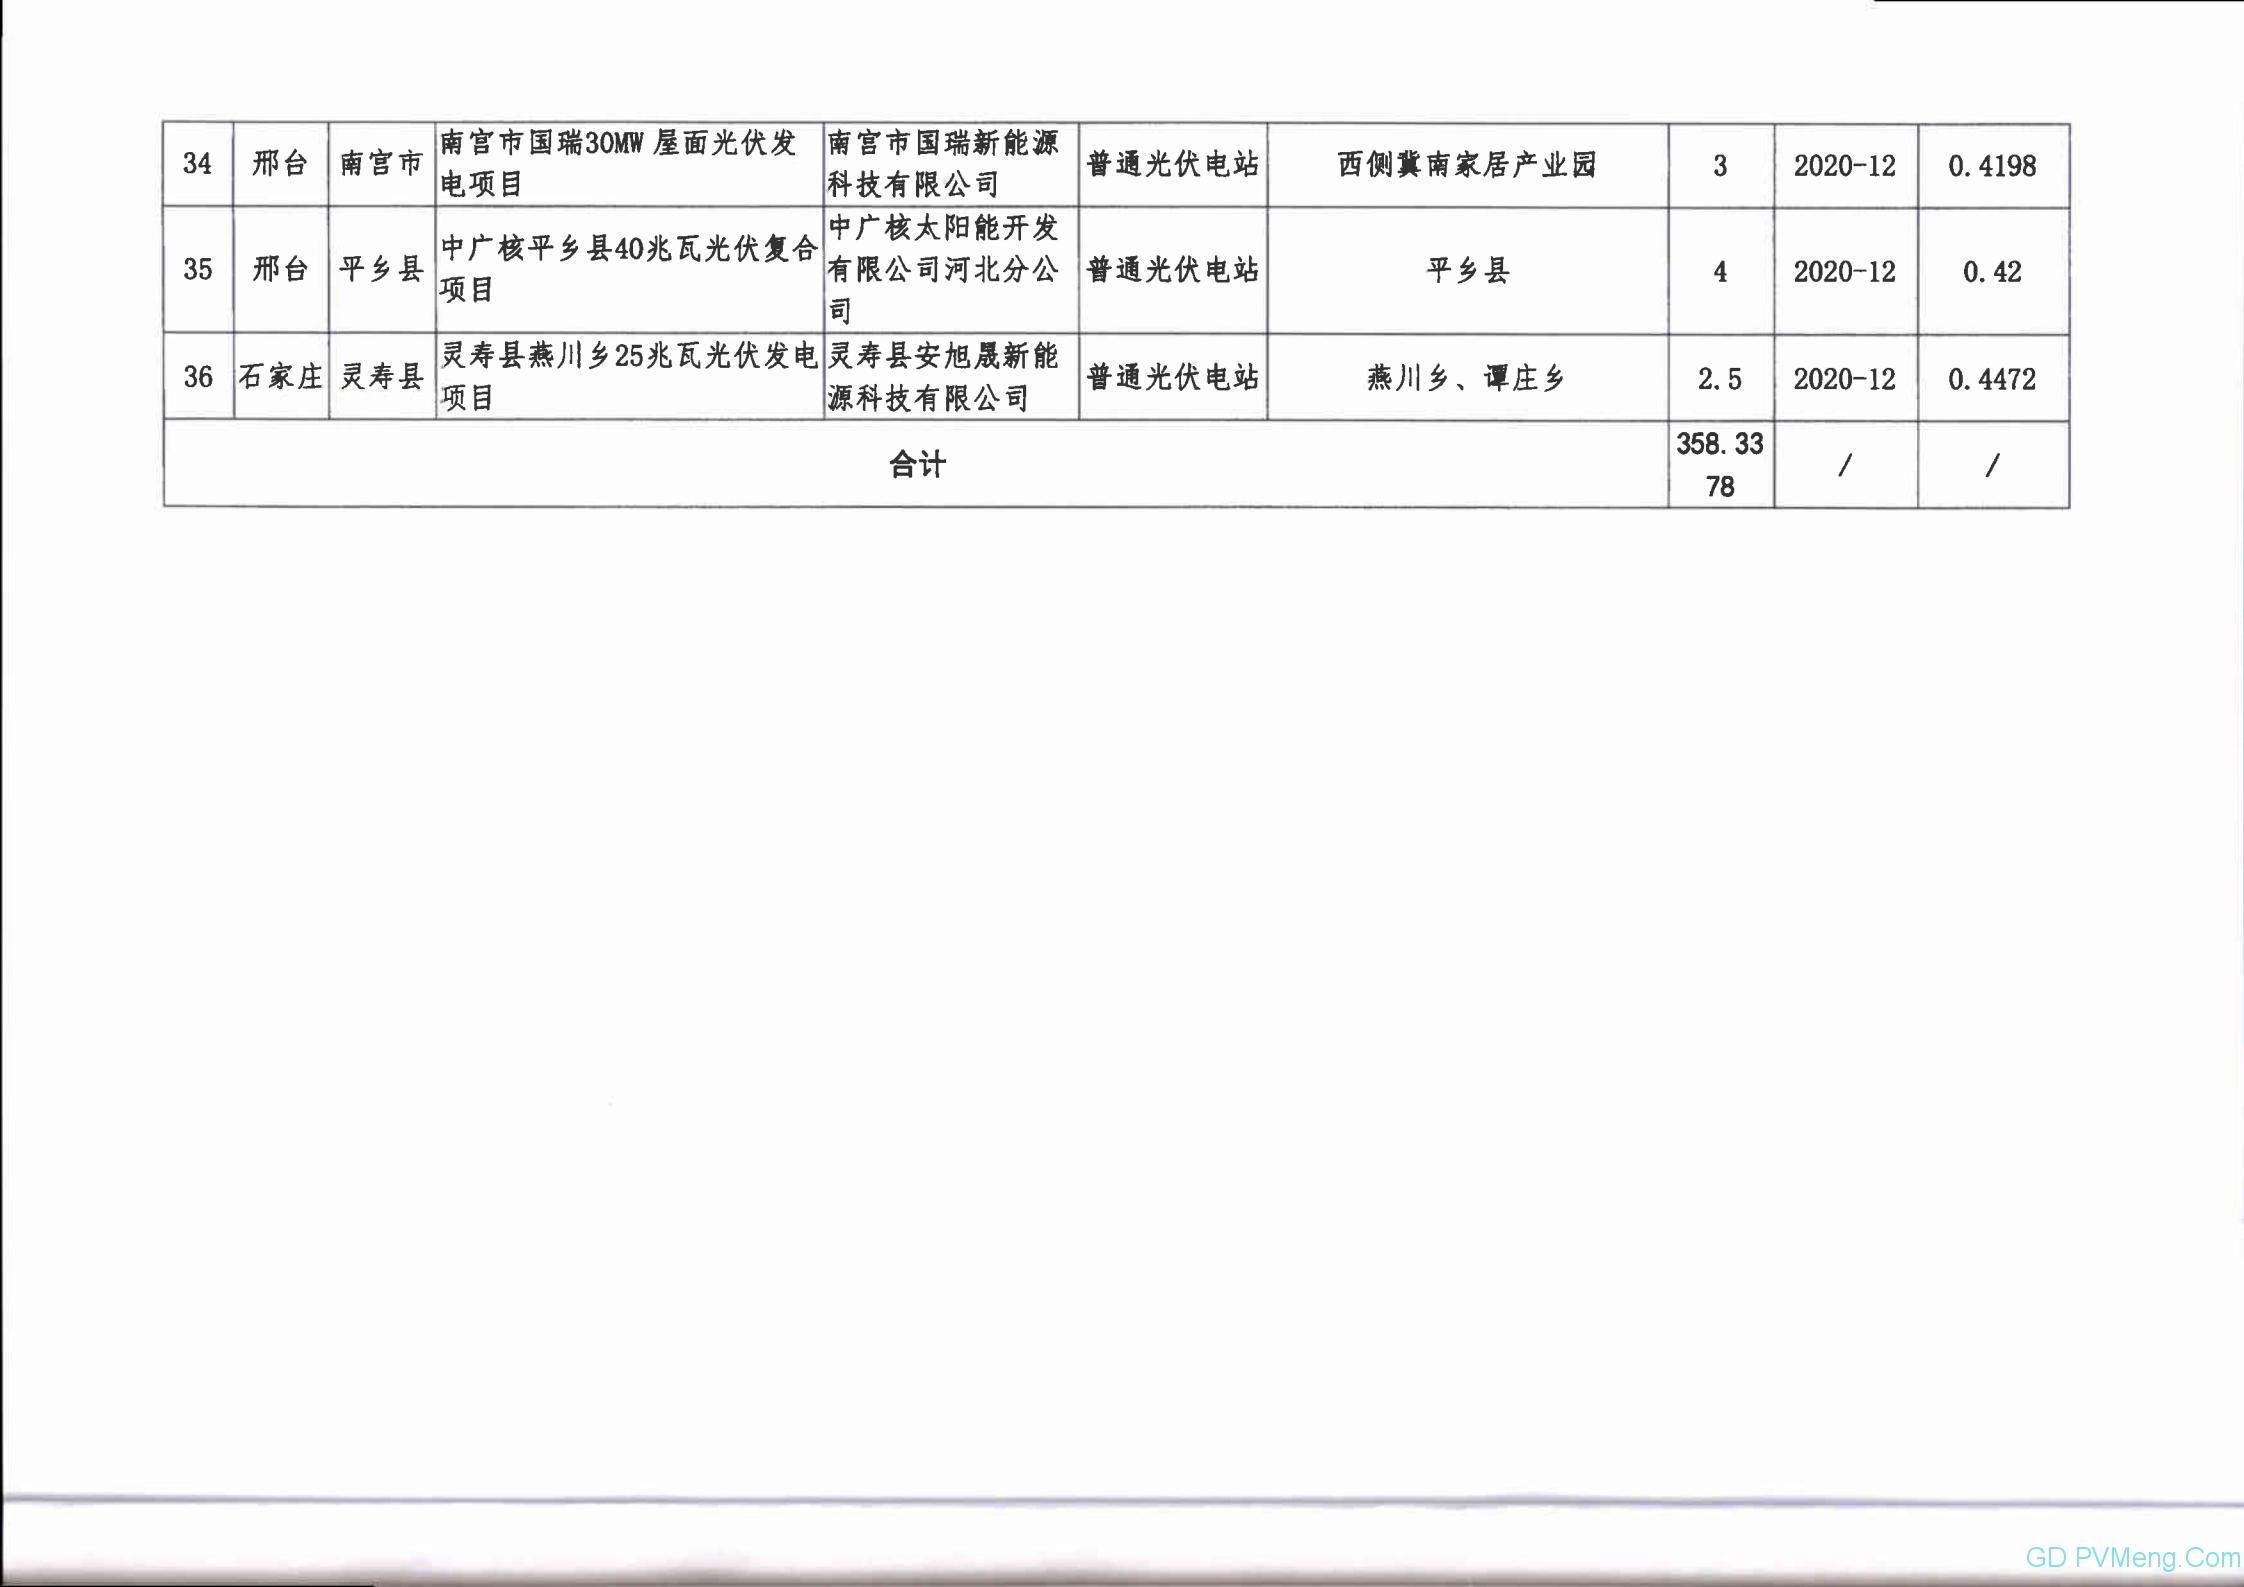 关于公布河北省2020年竞价光伏发电项目名单的通知 20200703